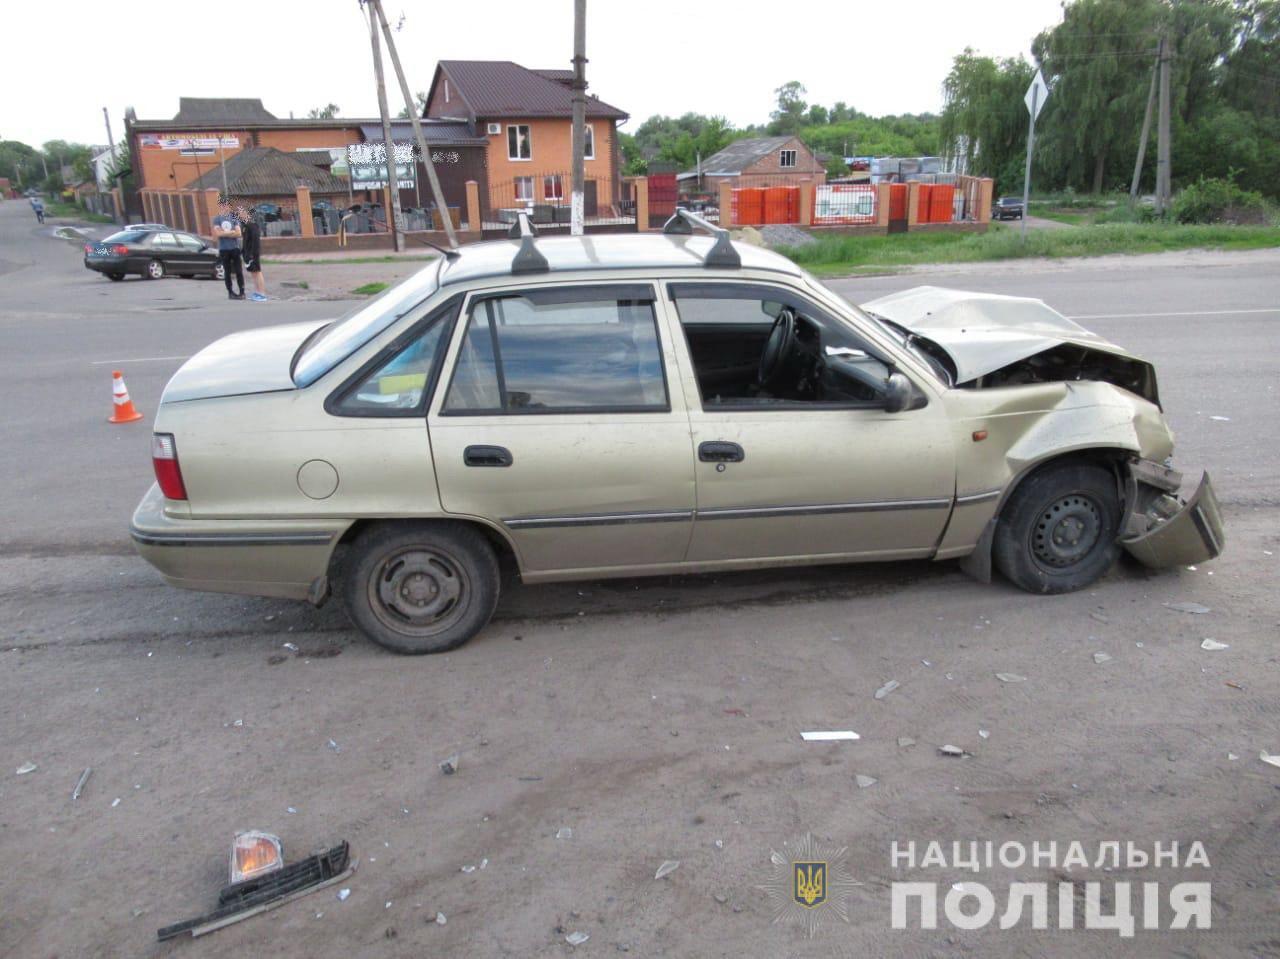 У Ромнах один із водіїв-учасників ДТП потрапив до лікарні, - поліція